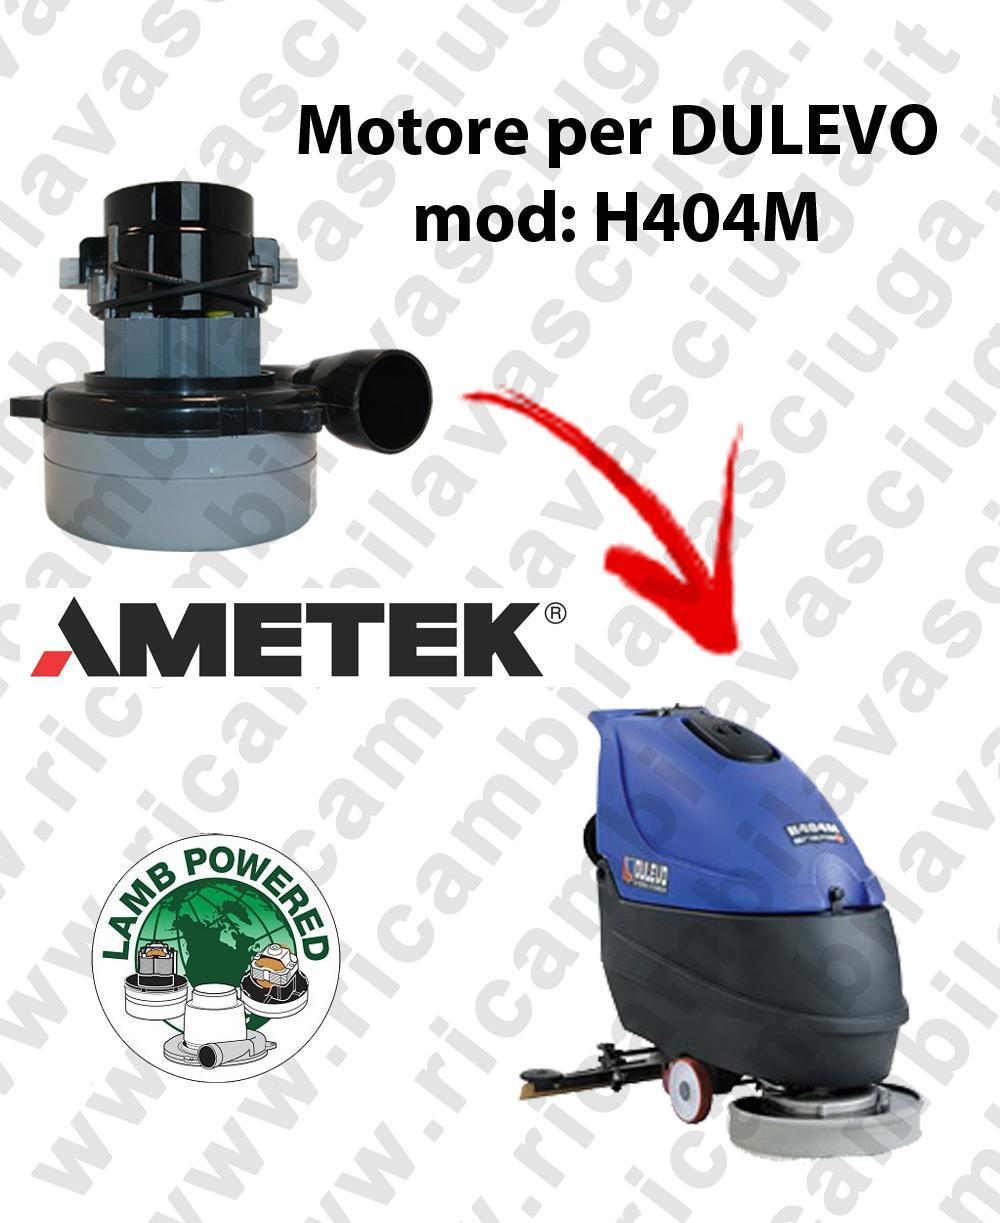 H404 M MOTEUR ASPIRATION LAMB AMATEK pour autolaveuses DULEVO